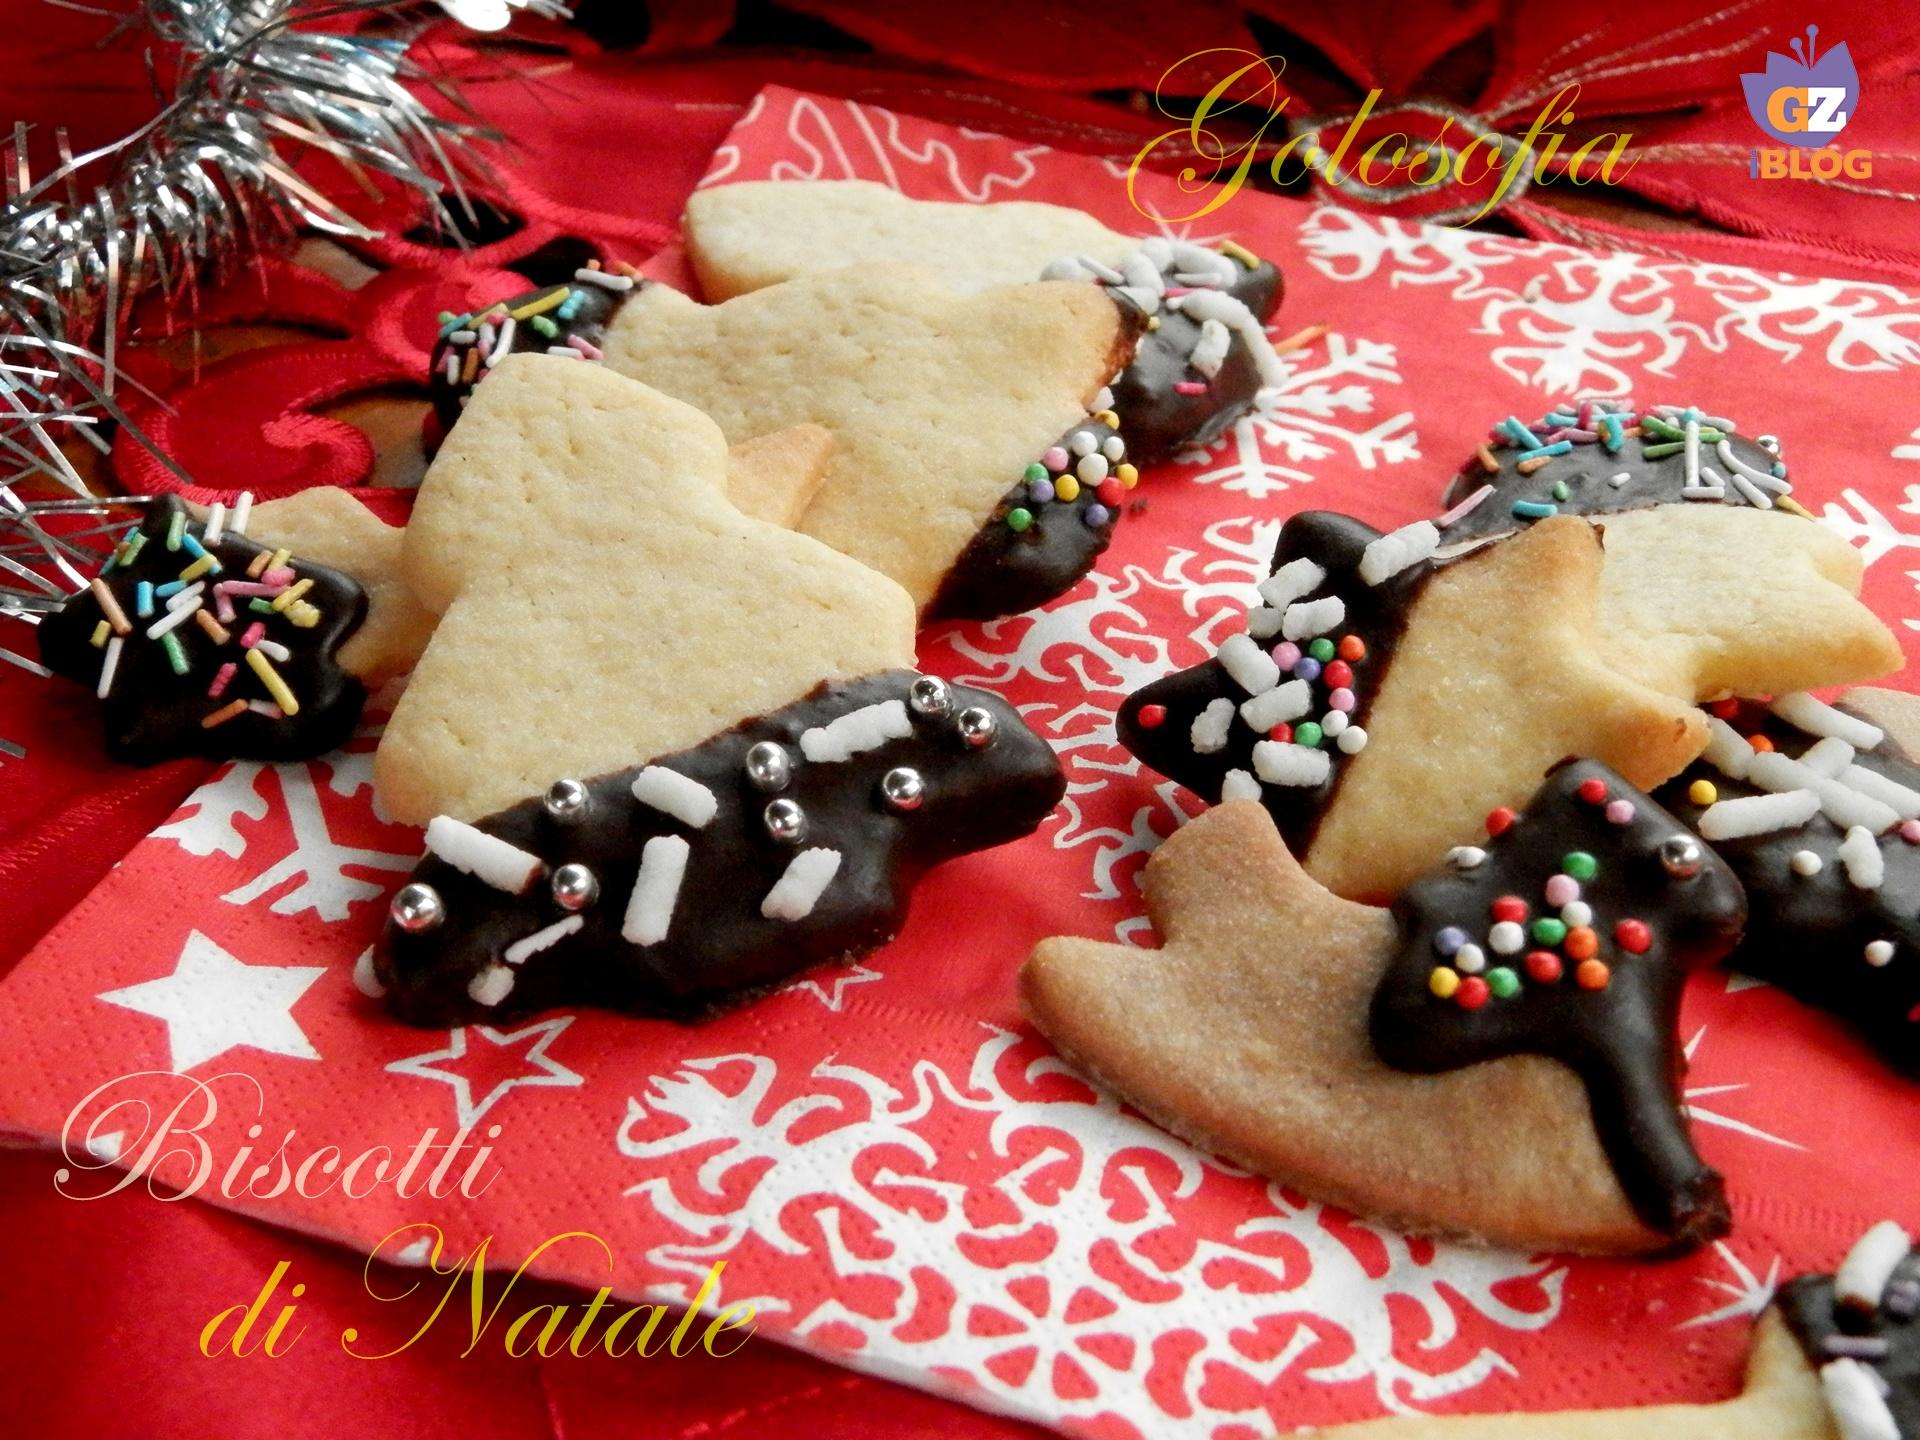 Ricette Dolci Di Natale Al Cioccolato.Biscotti Di Natale Glassati Al Cioccolato Ricetta Dolci